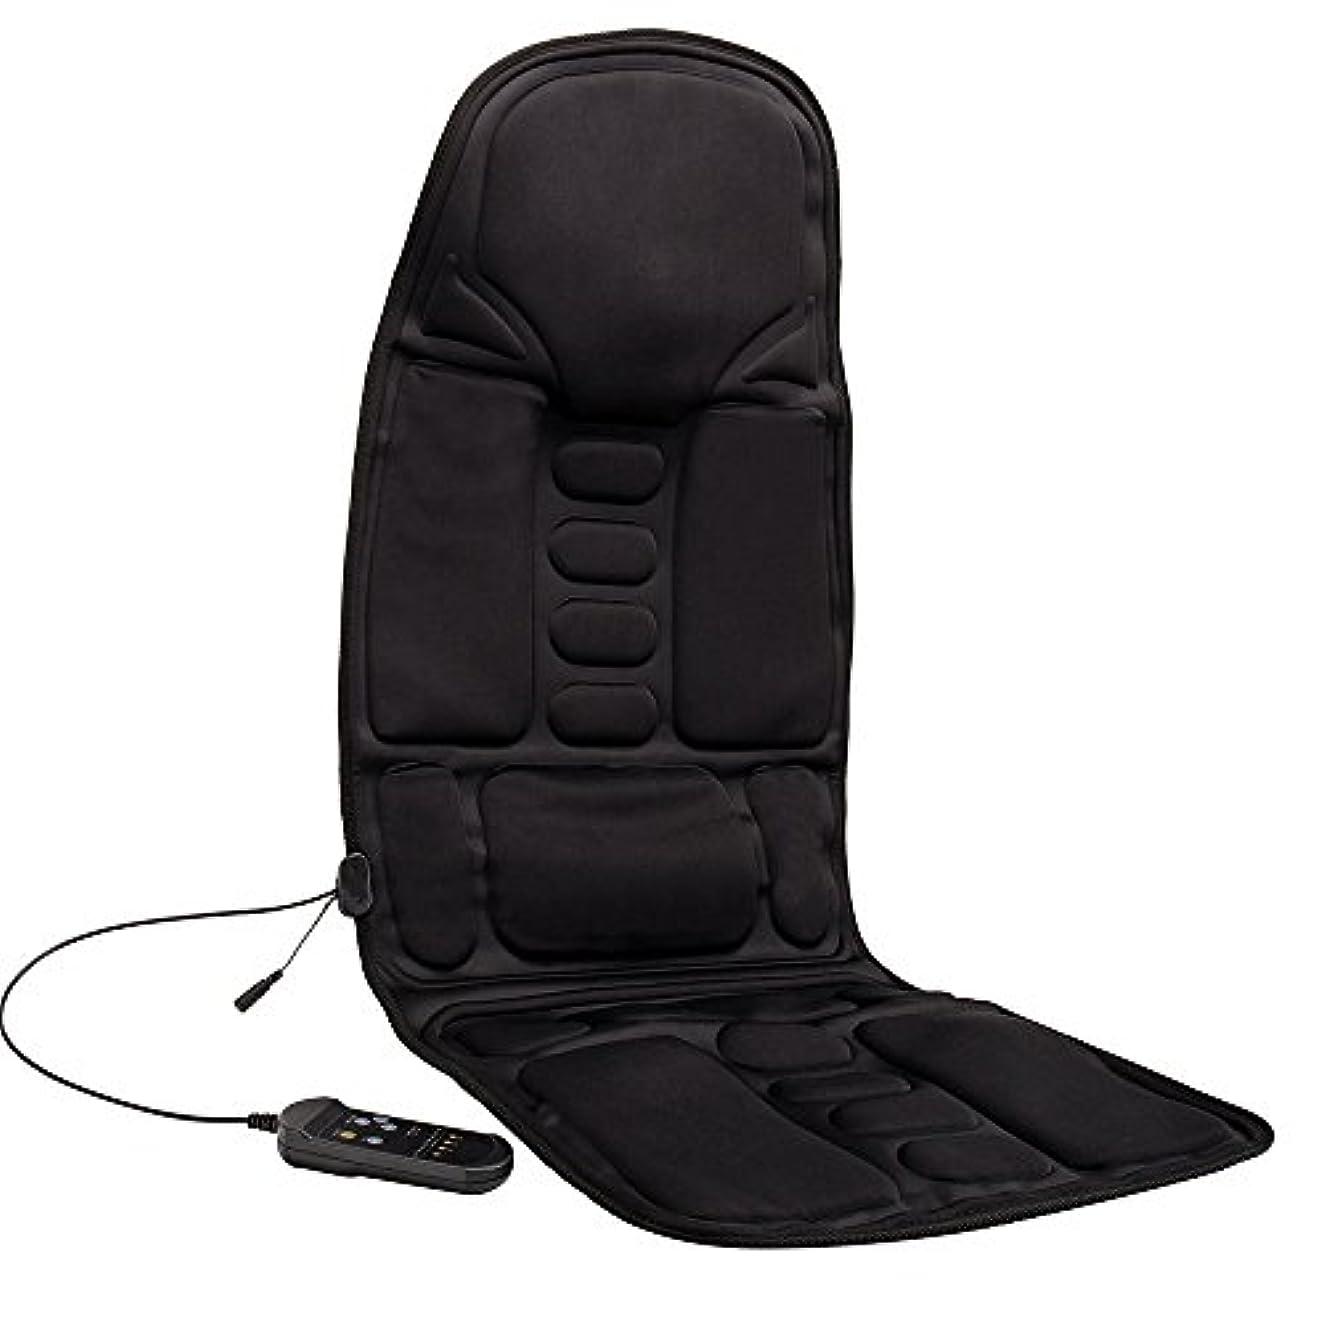 村カバーグローブKindness マッサージシート ヒーター搭載 高品質PUレザー製 どこでもマッサージャー オフィス 旅行 ホーム 車シート ギフト ブラック